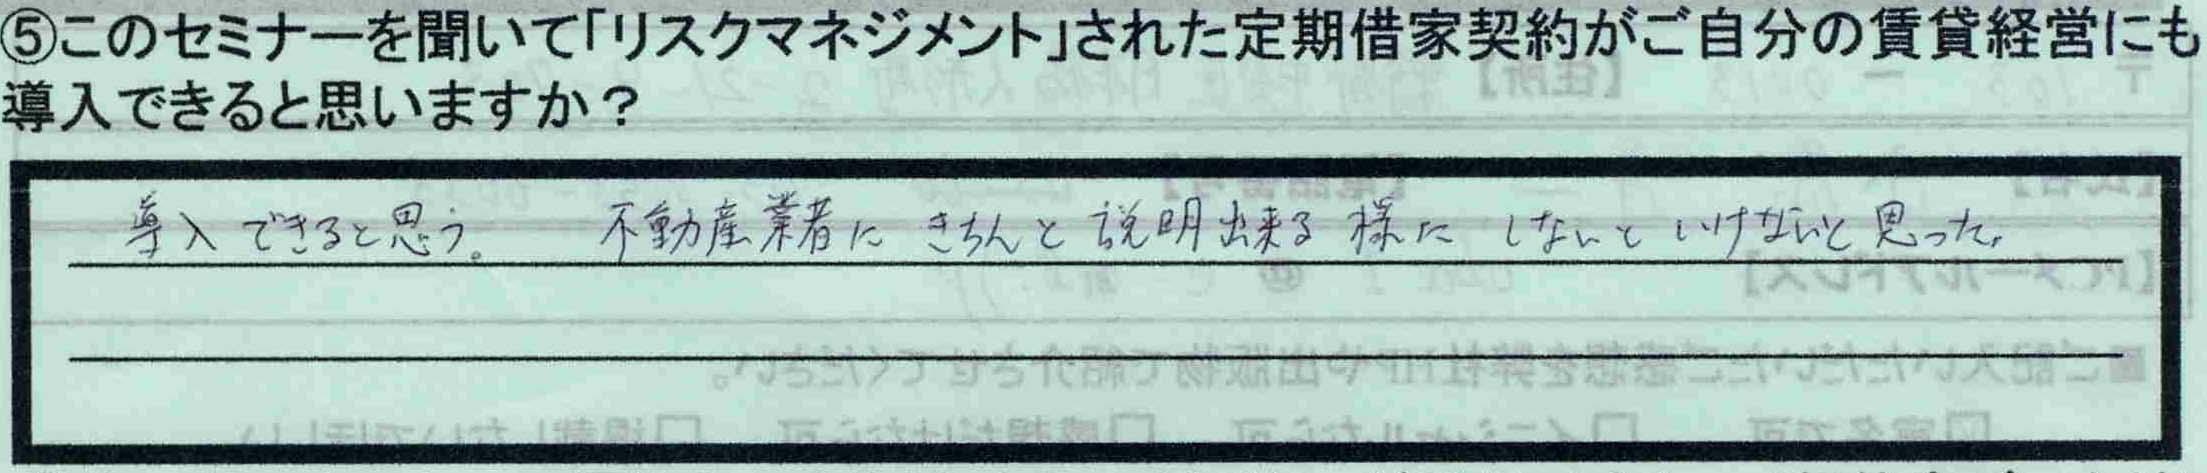 【東京都中央区】【小原洋一さん】【導入できるか?】